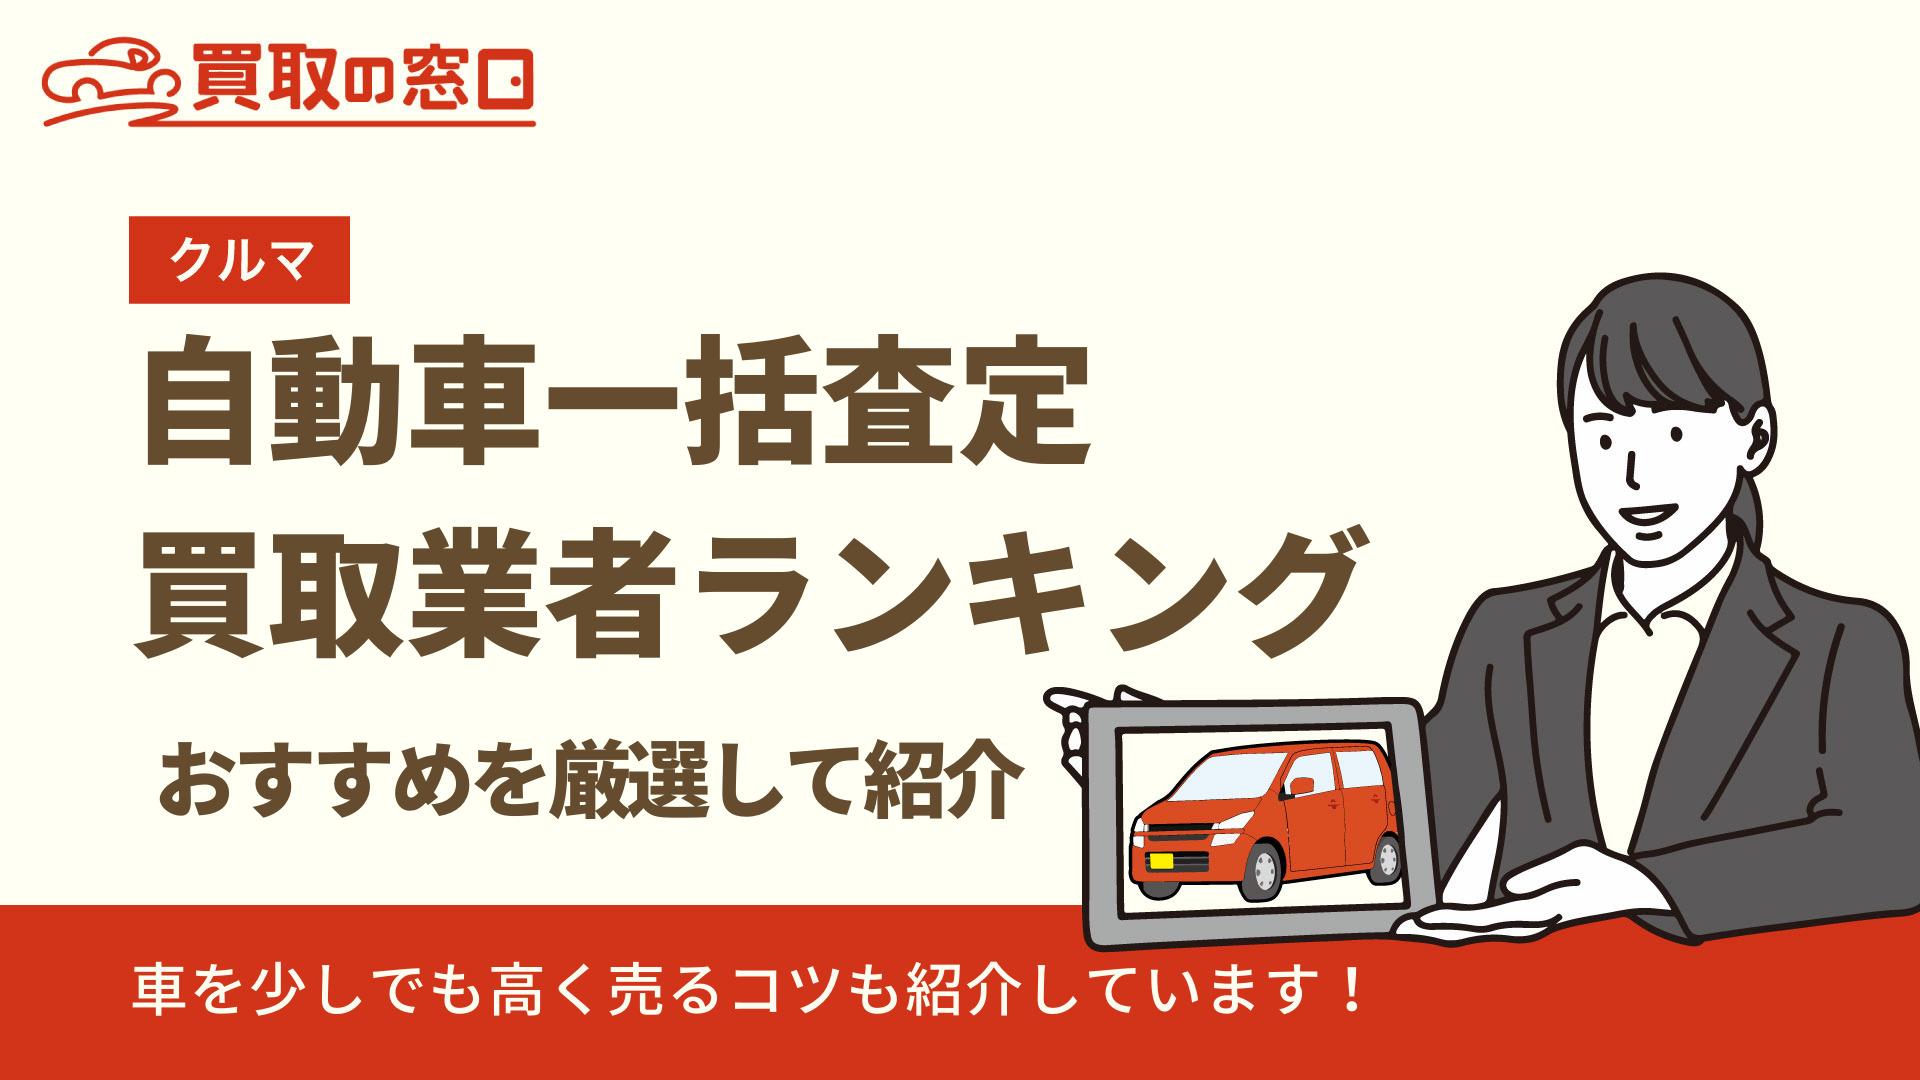 【徹底比較】自動車一括査定おすすめ買取業者人気ランキング10選